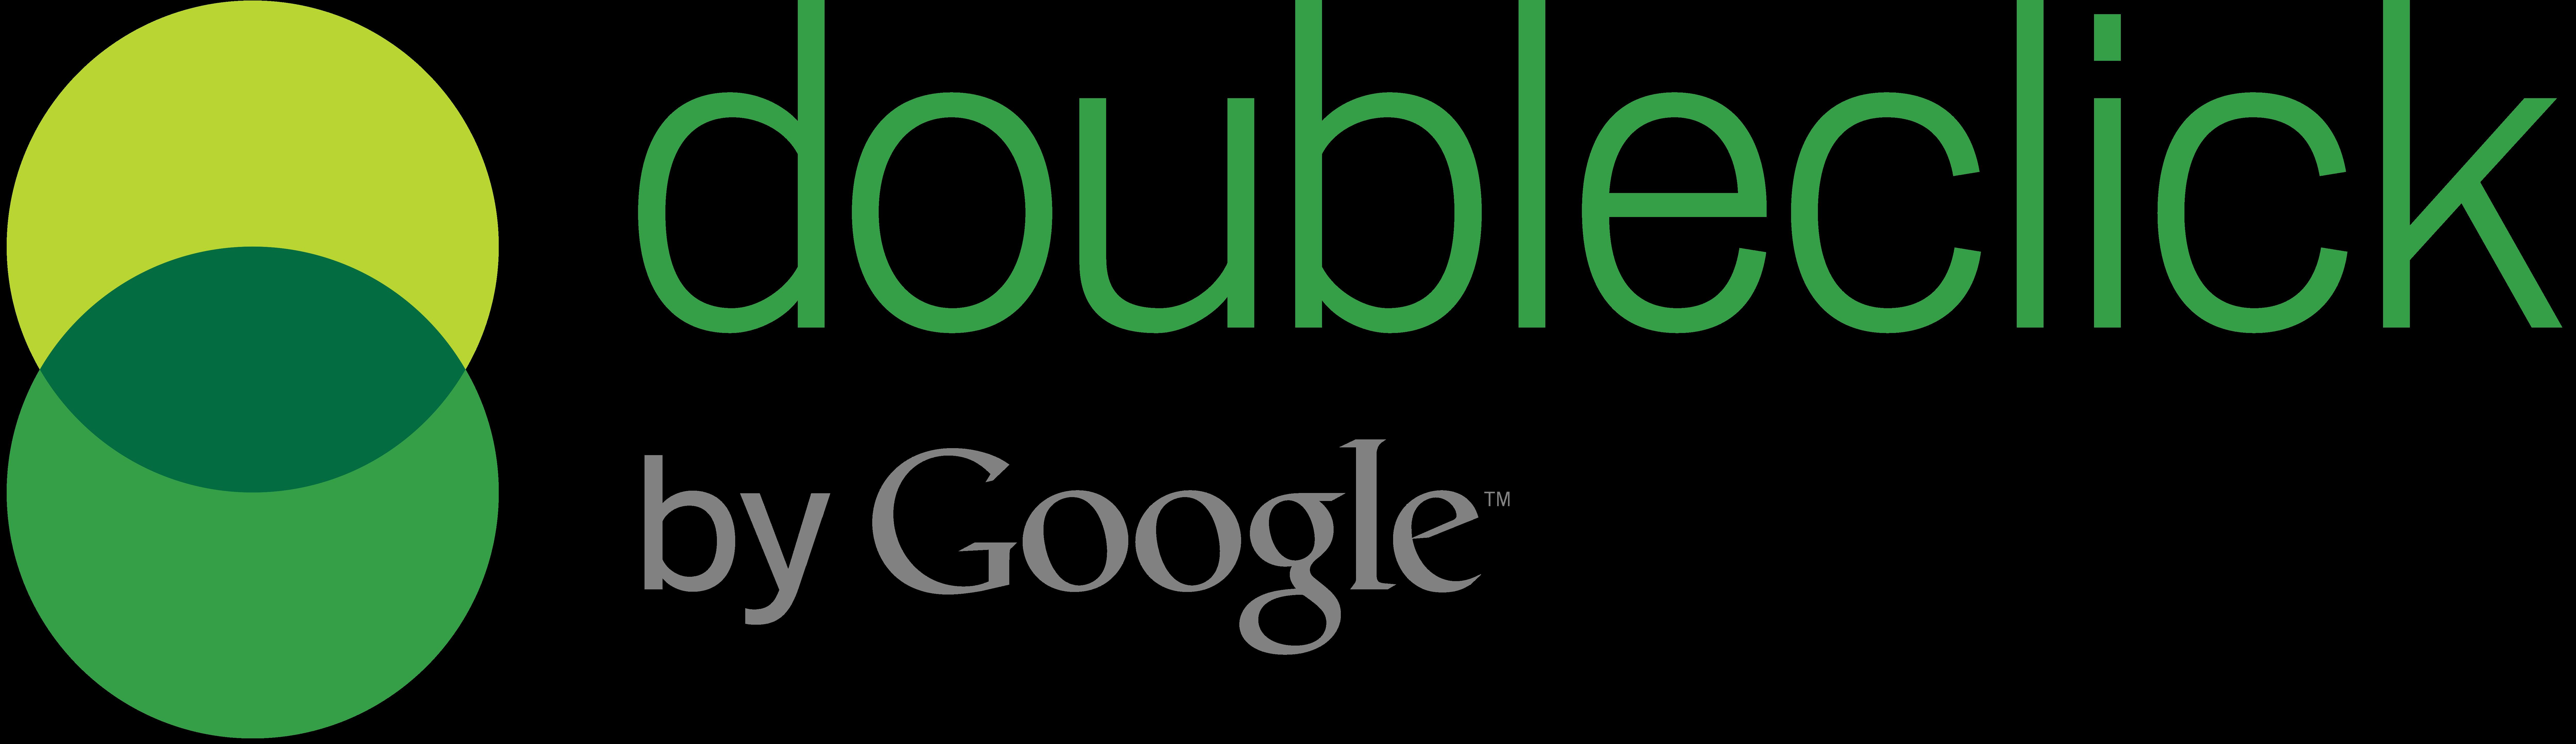 Doubleclick logo png